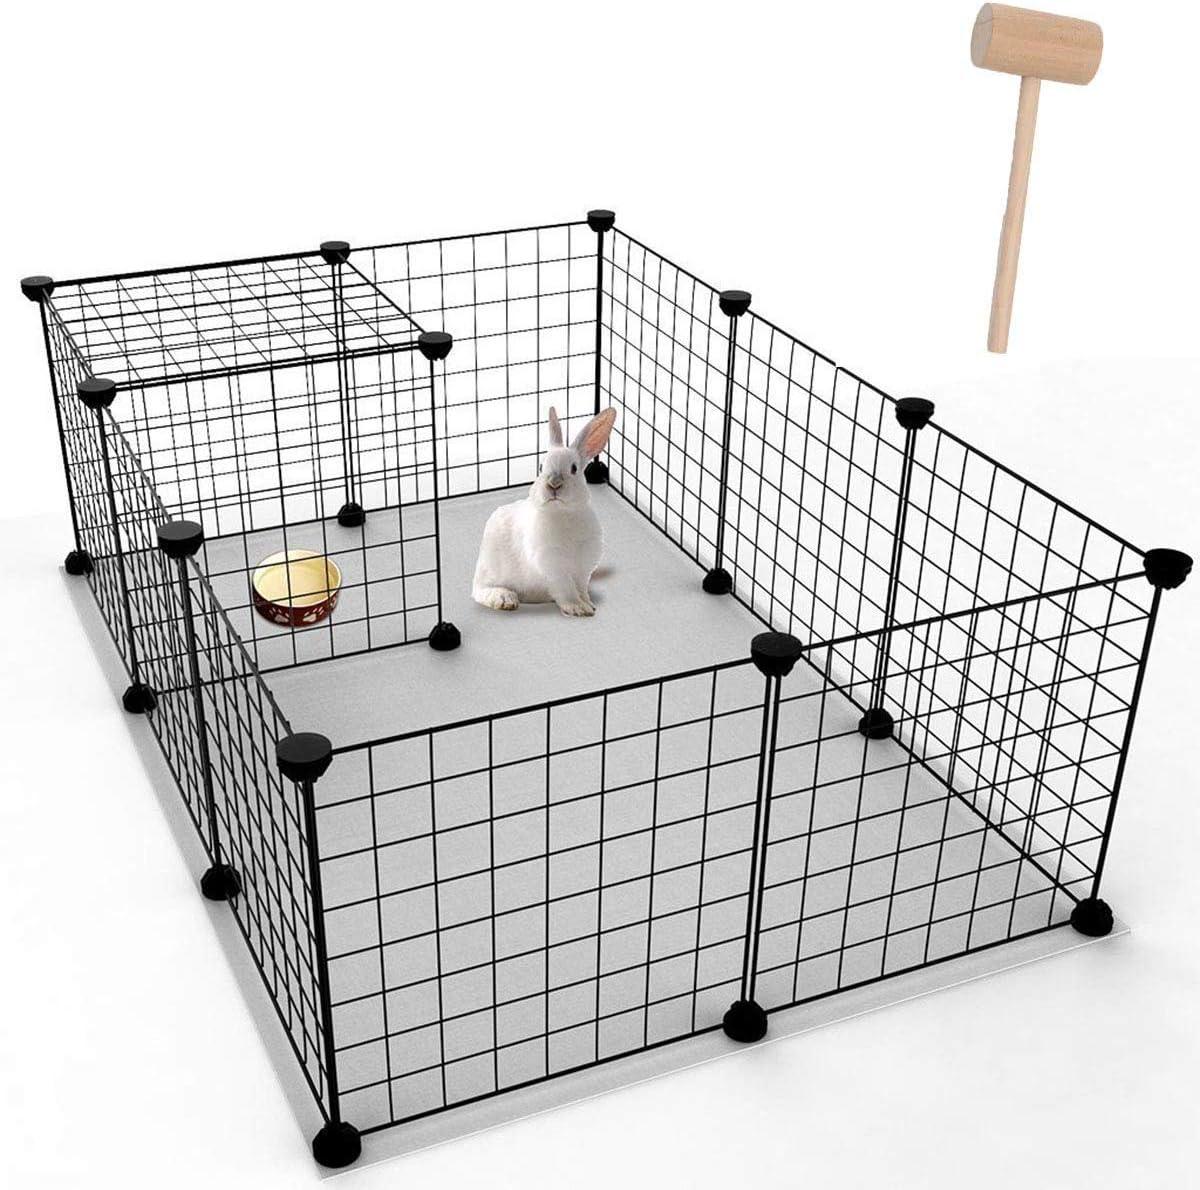 Youke Parque para Perros, Productos para Mascotas Cerca de jardín de Alambre metálico, Negro (12 Paneles): Amazon.es: Productos para mascotas